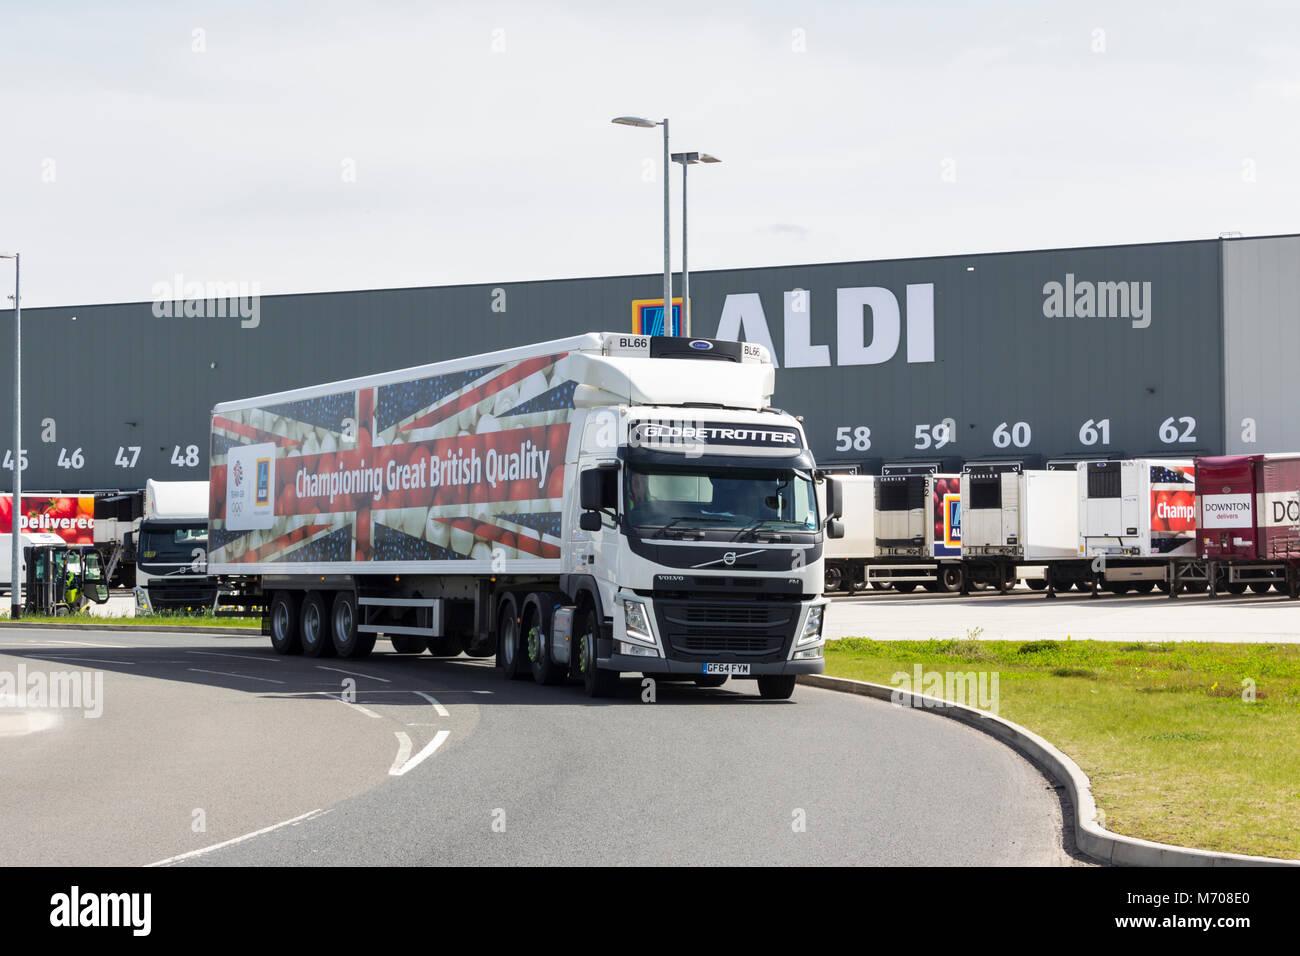 Camions de marque Aldi laissant le nouveau entrepôt logistique Distribution Aldi au nord, plus Hulton, Bolton. Photo Stock